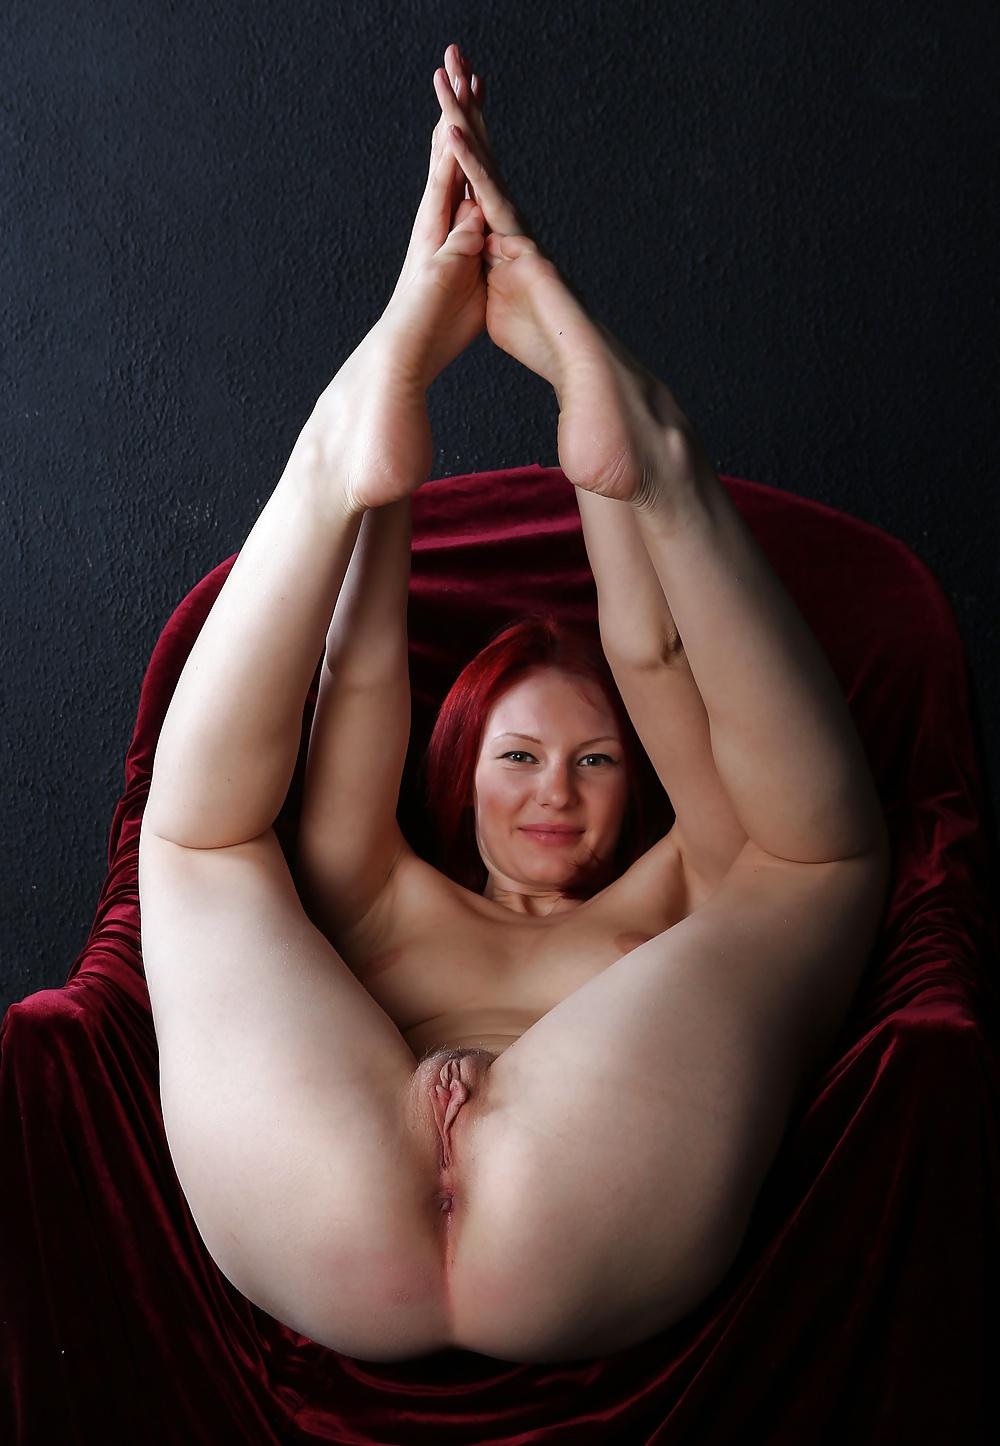 dildoslip erotik bilder männer